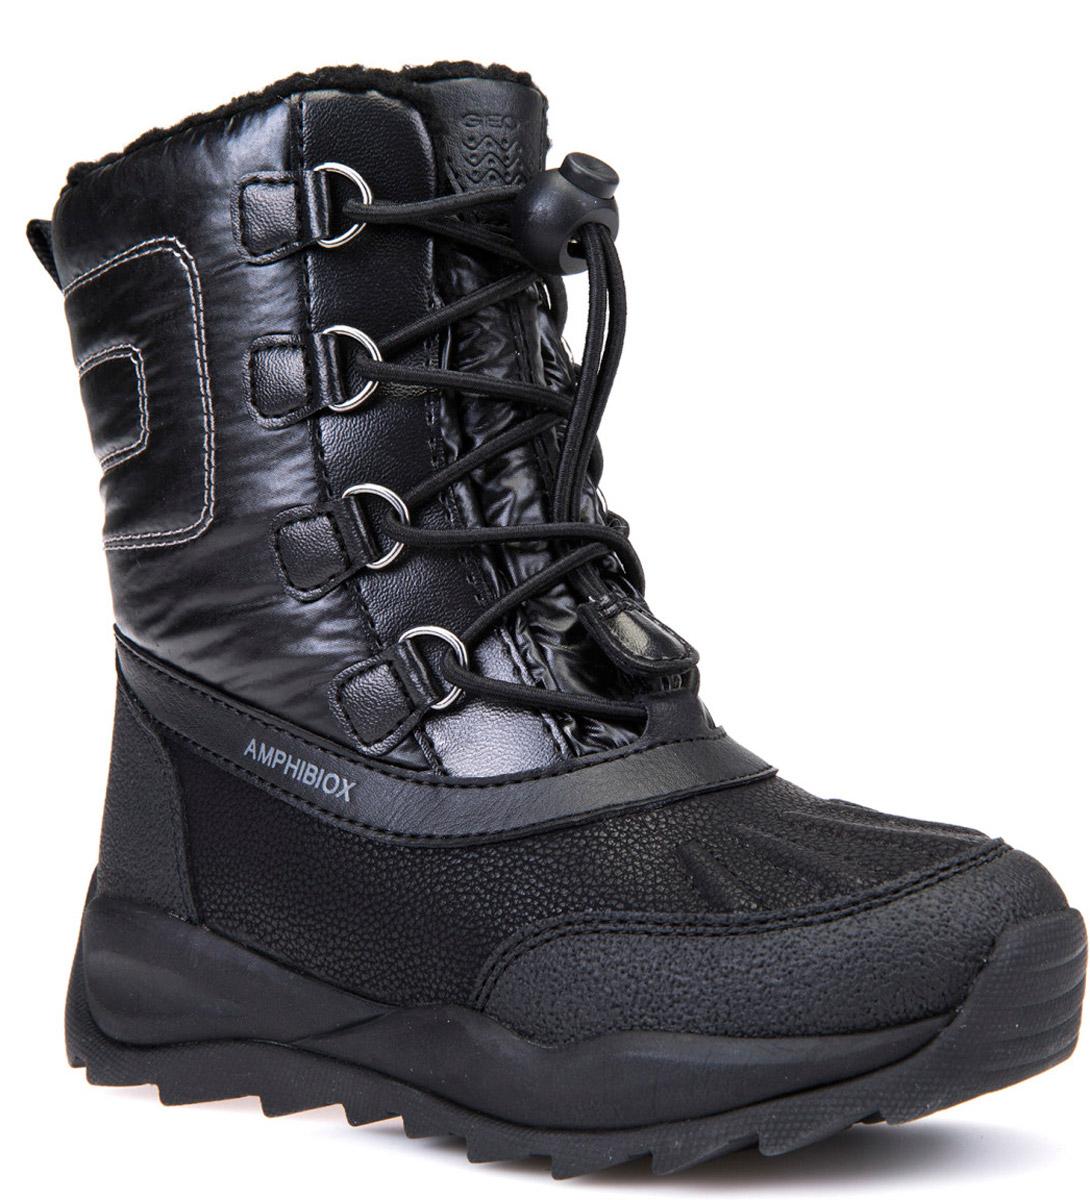 Полусапоги для девочки Geox, цвет: черный. J642BE0FU50C9999. Размер 30J642BE0FU50C9999Очаровательные полусапоги от Geox покорят вашего ребенка с первого взгляда. Изделие выполнено из полиуретана и оформлено прострочкой. Шнурок со стоппером обеспечивает идеальную посадку и фиксацию на ноге за счет регуляции объема голенища Стелька из текстиля обеспечит комфорт. Подошва выполнена из прочного материала и обеспечивает надежное сцепление с любой поверхностью. Удобные полусапоги - незаменимая вещь в гардеробе каждого ребенка.